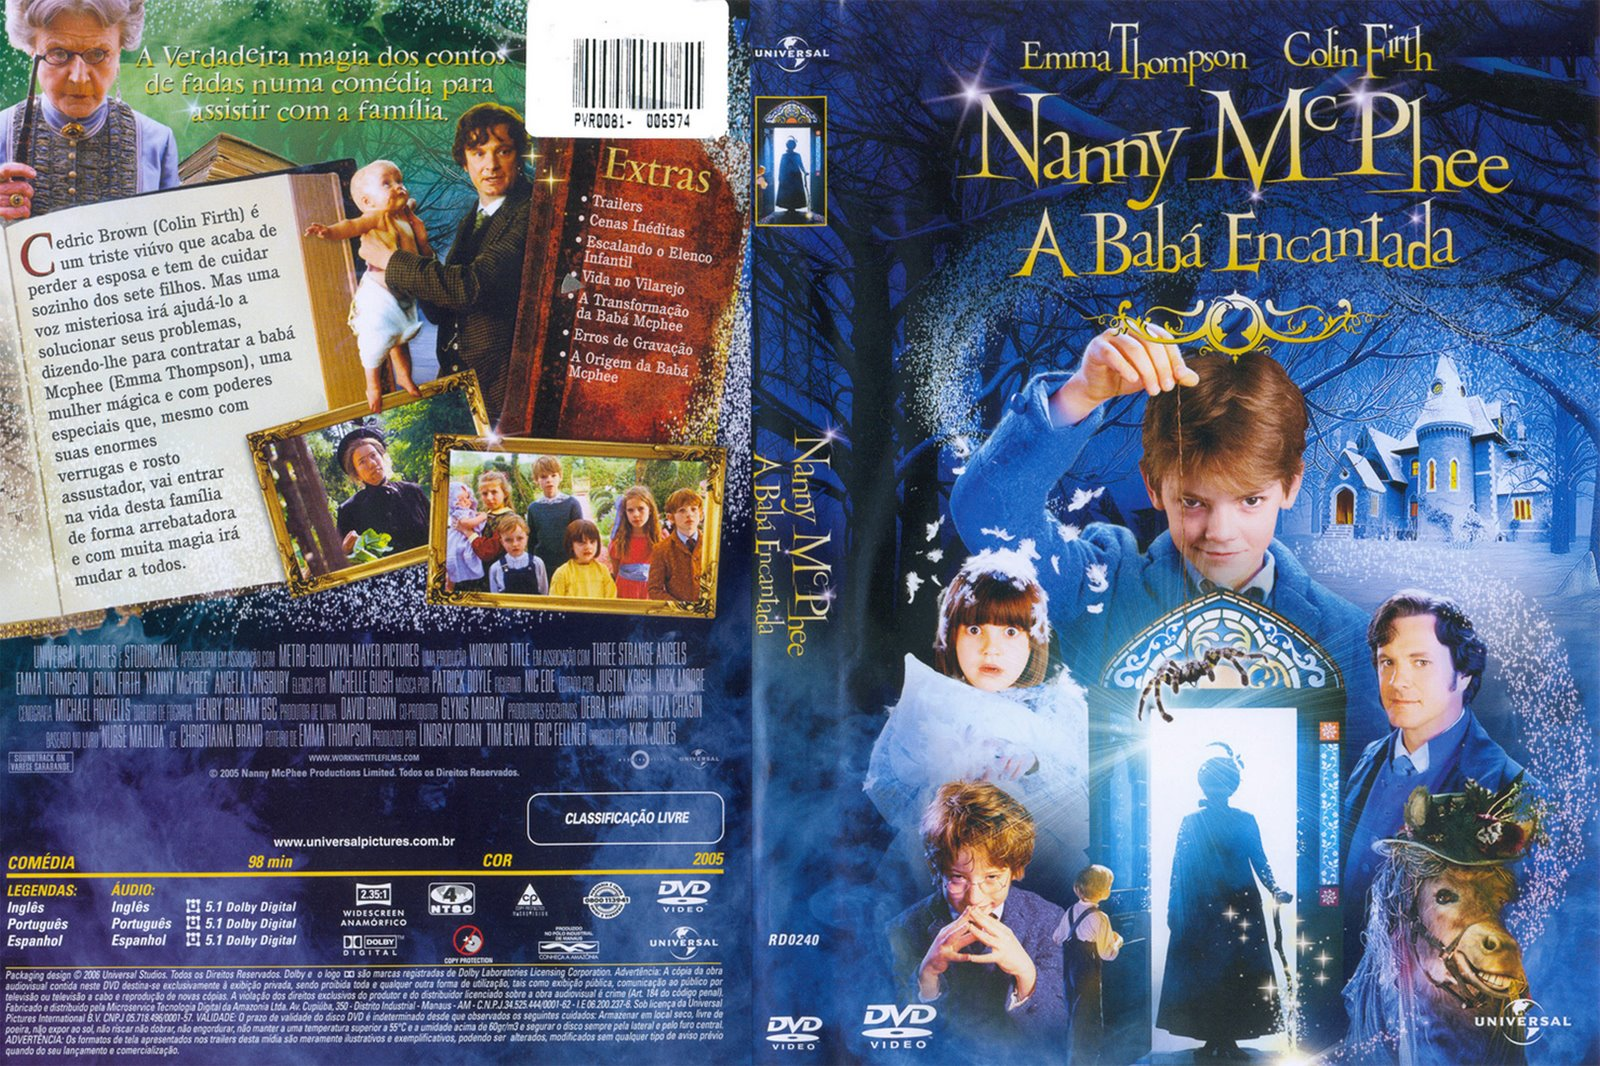 Nanny Mcphee A Baba Encantada Dublado Fasrplace